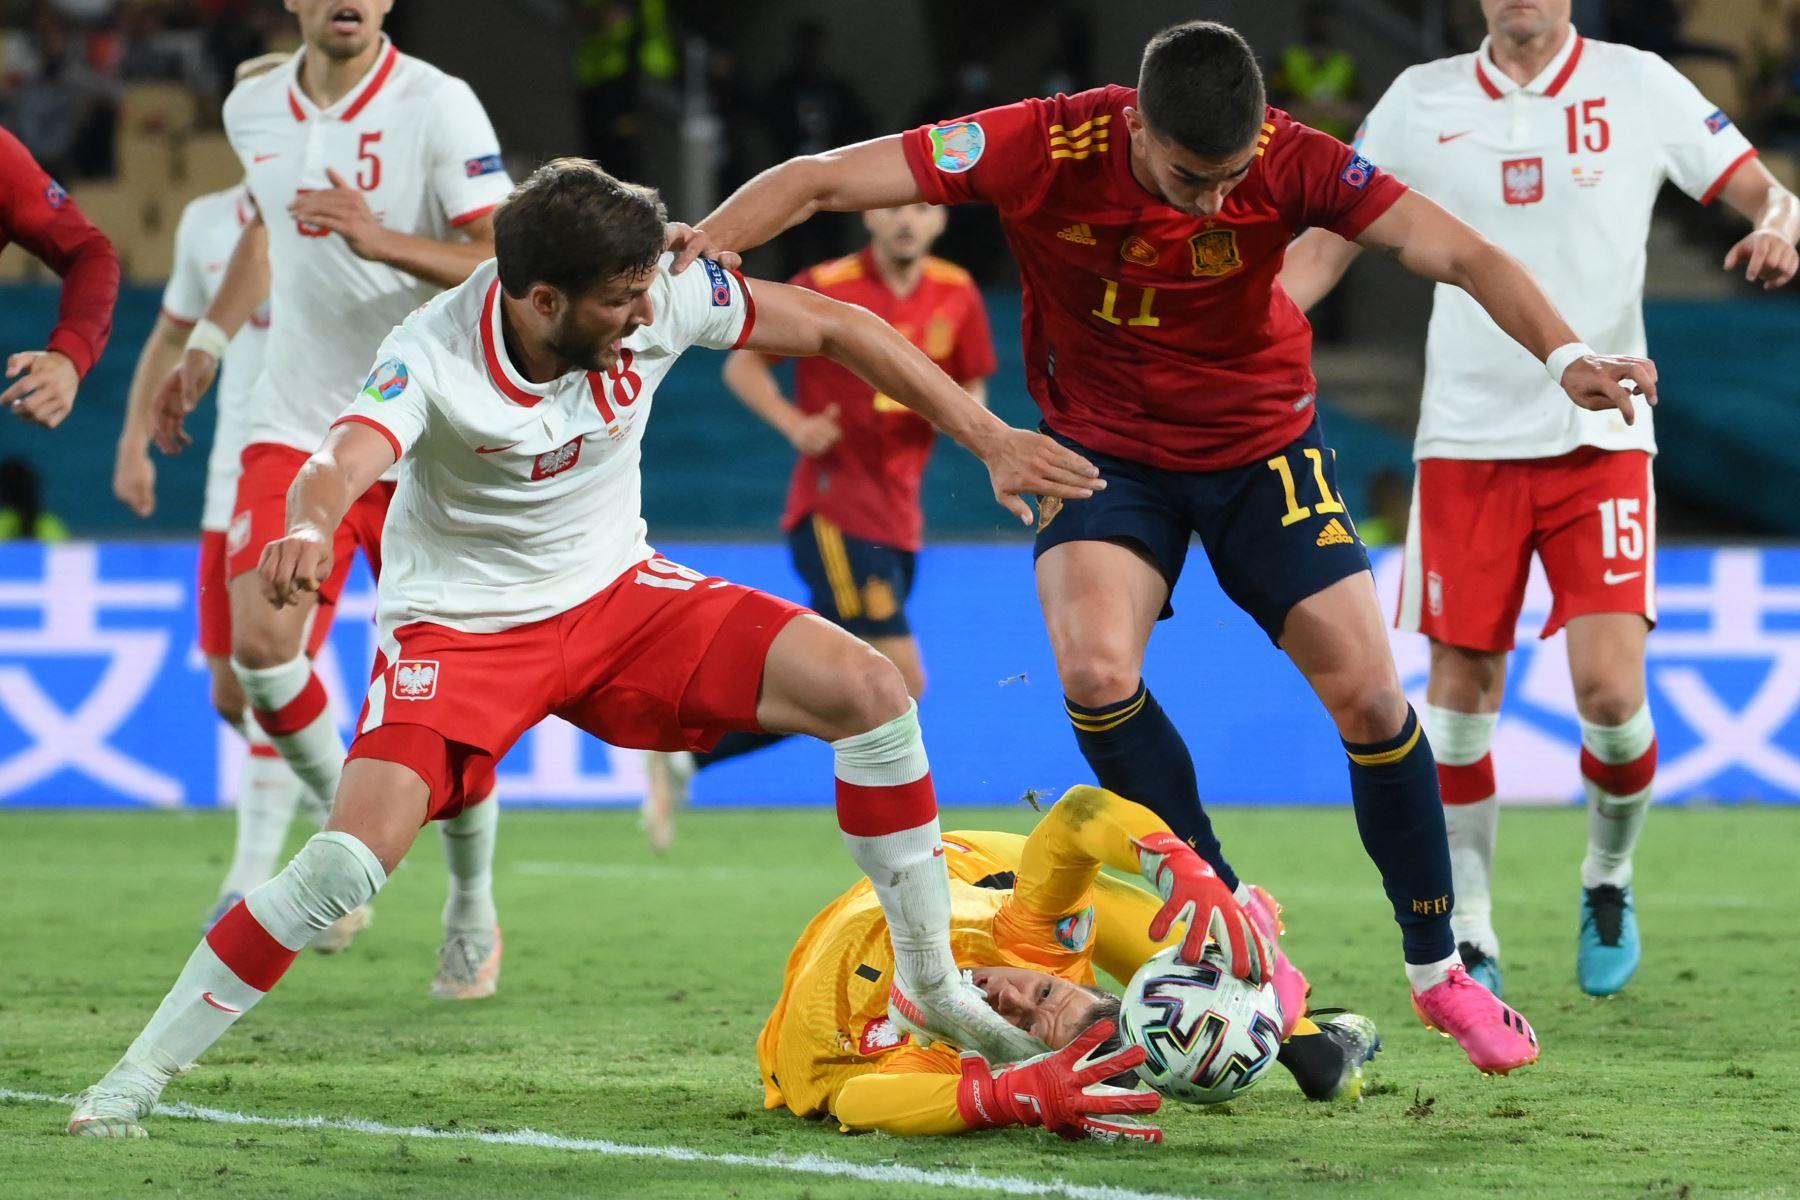 El portero polaco Wojciech Szczesny (C) intenta agarrar el balón mientras el defensor polaco Bartosz Bereszynski (L) desafía al mediocampista español Ferran Torres (R) durante el partido de fútbol del Grupo E de la UEFA EURO 2020 entre España y Polonia en el Estadio La Cartuja en Sevilla, España. Foto: AFP